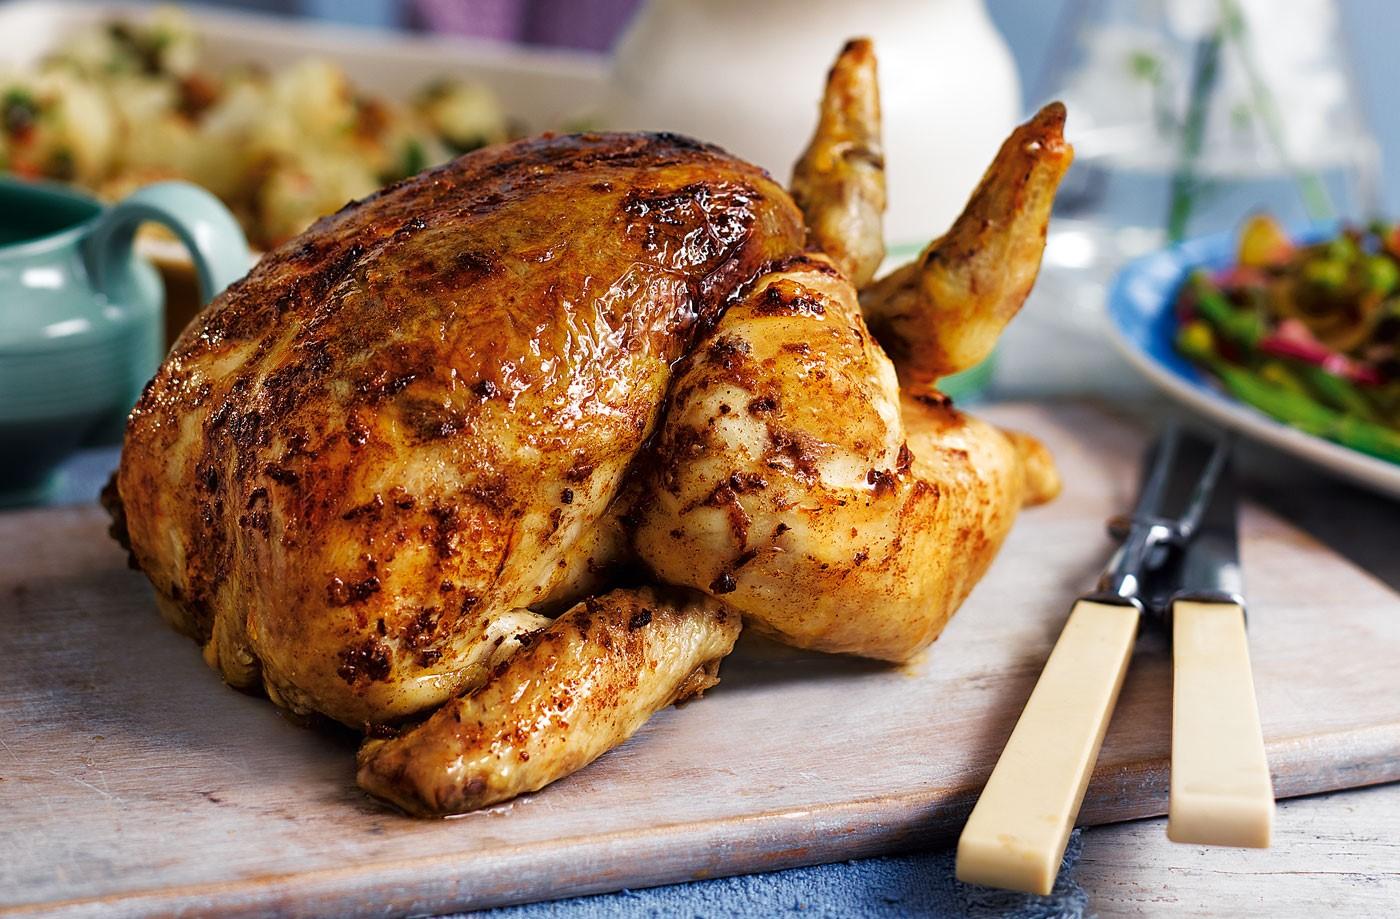 Si Kecil Suka Makan Ayam? Waspadai Ayam Suntik Hormon!